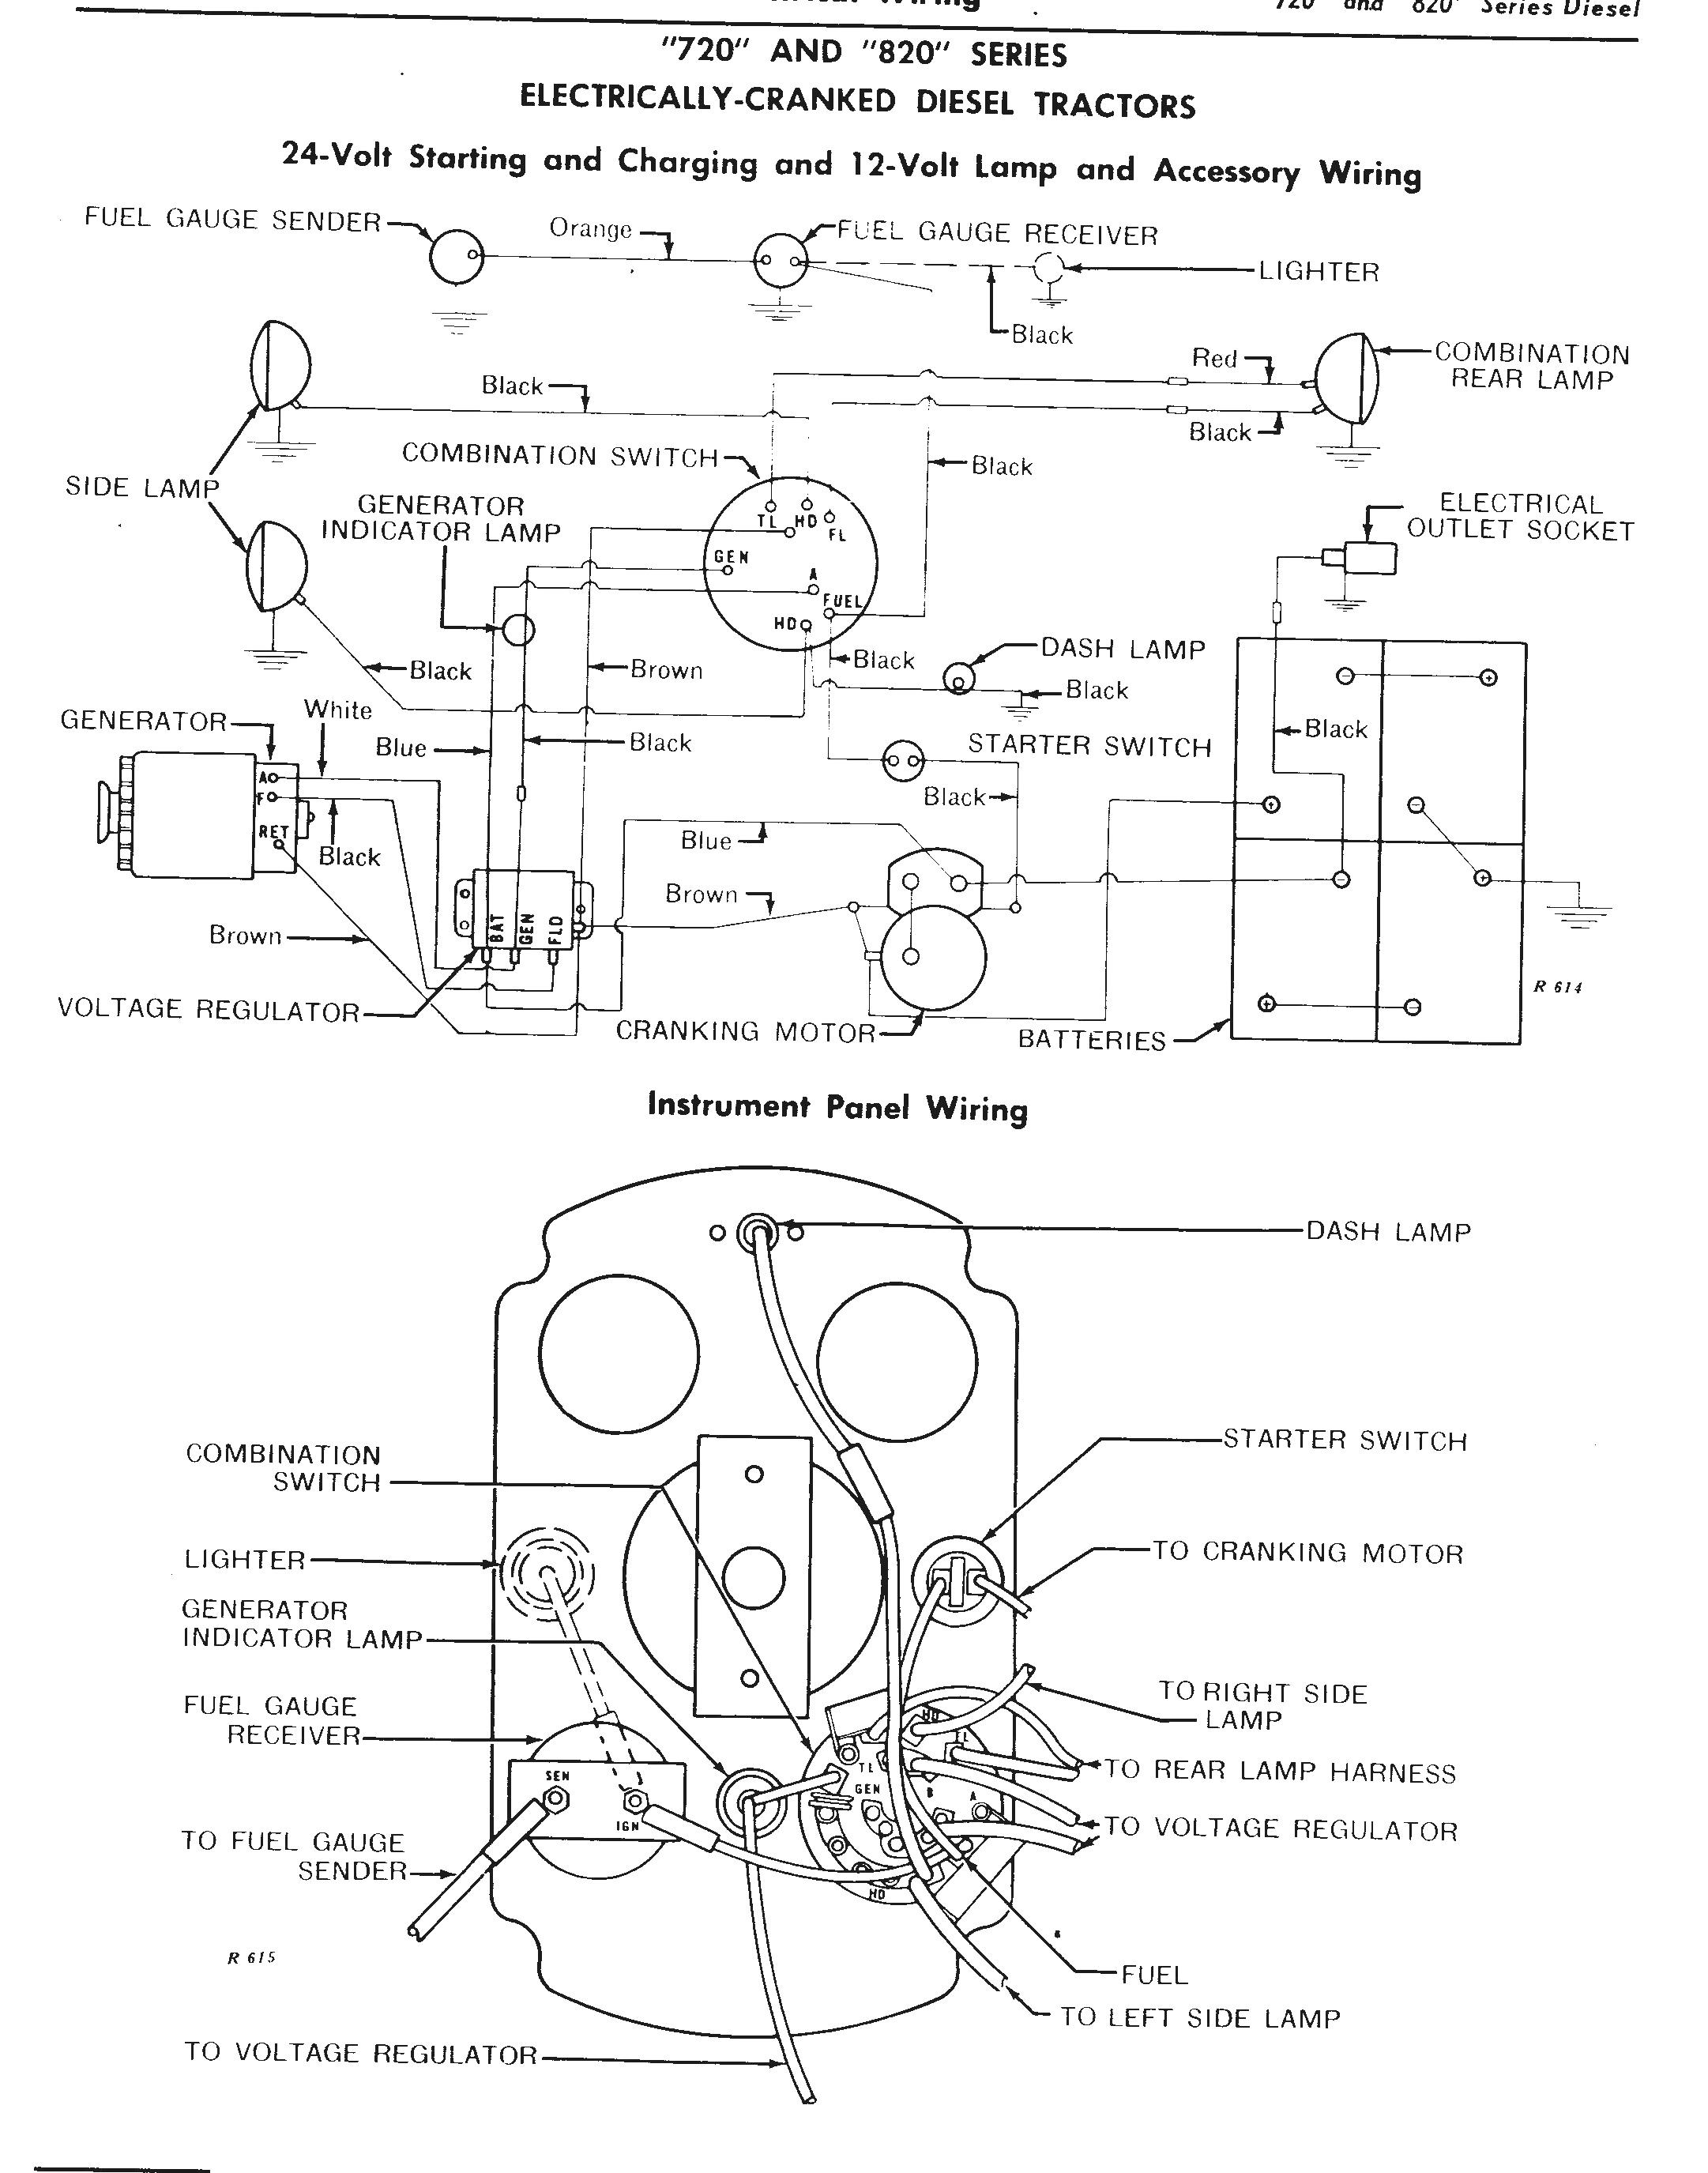 John Deere 735 Wiring Diagram - Lir Wiring 101 on